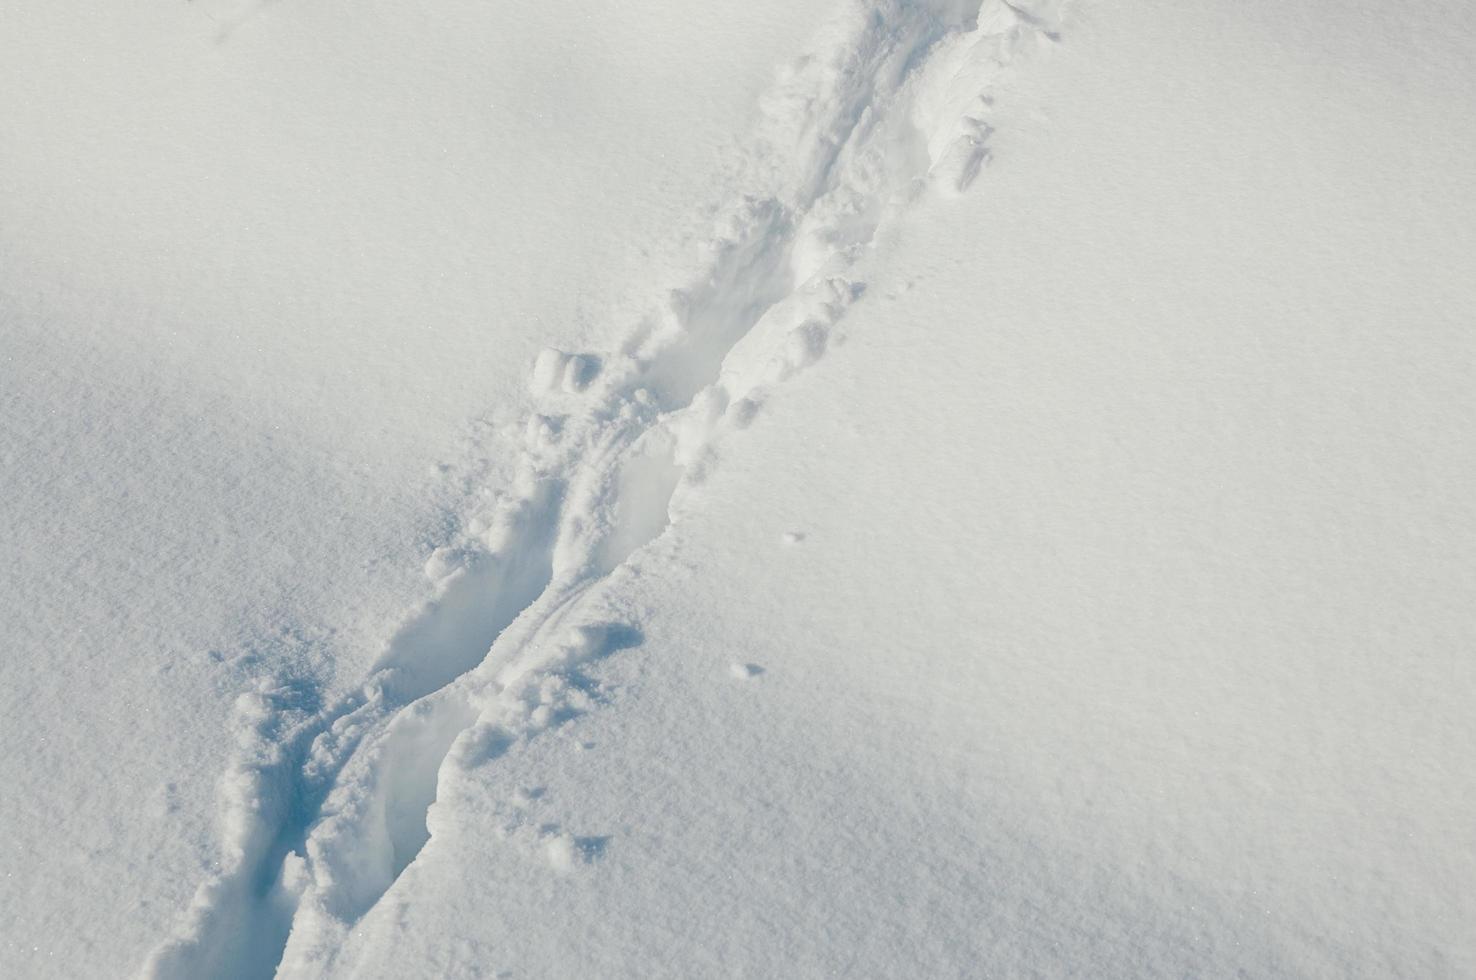 empreintes d'animaux dans la neige profonde photo